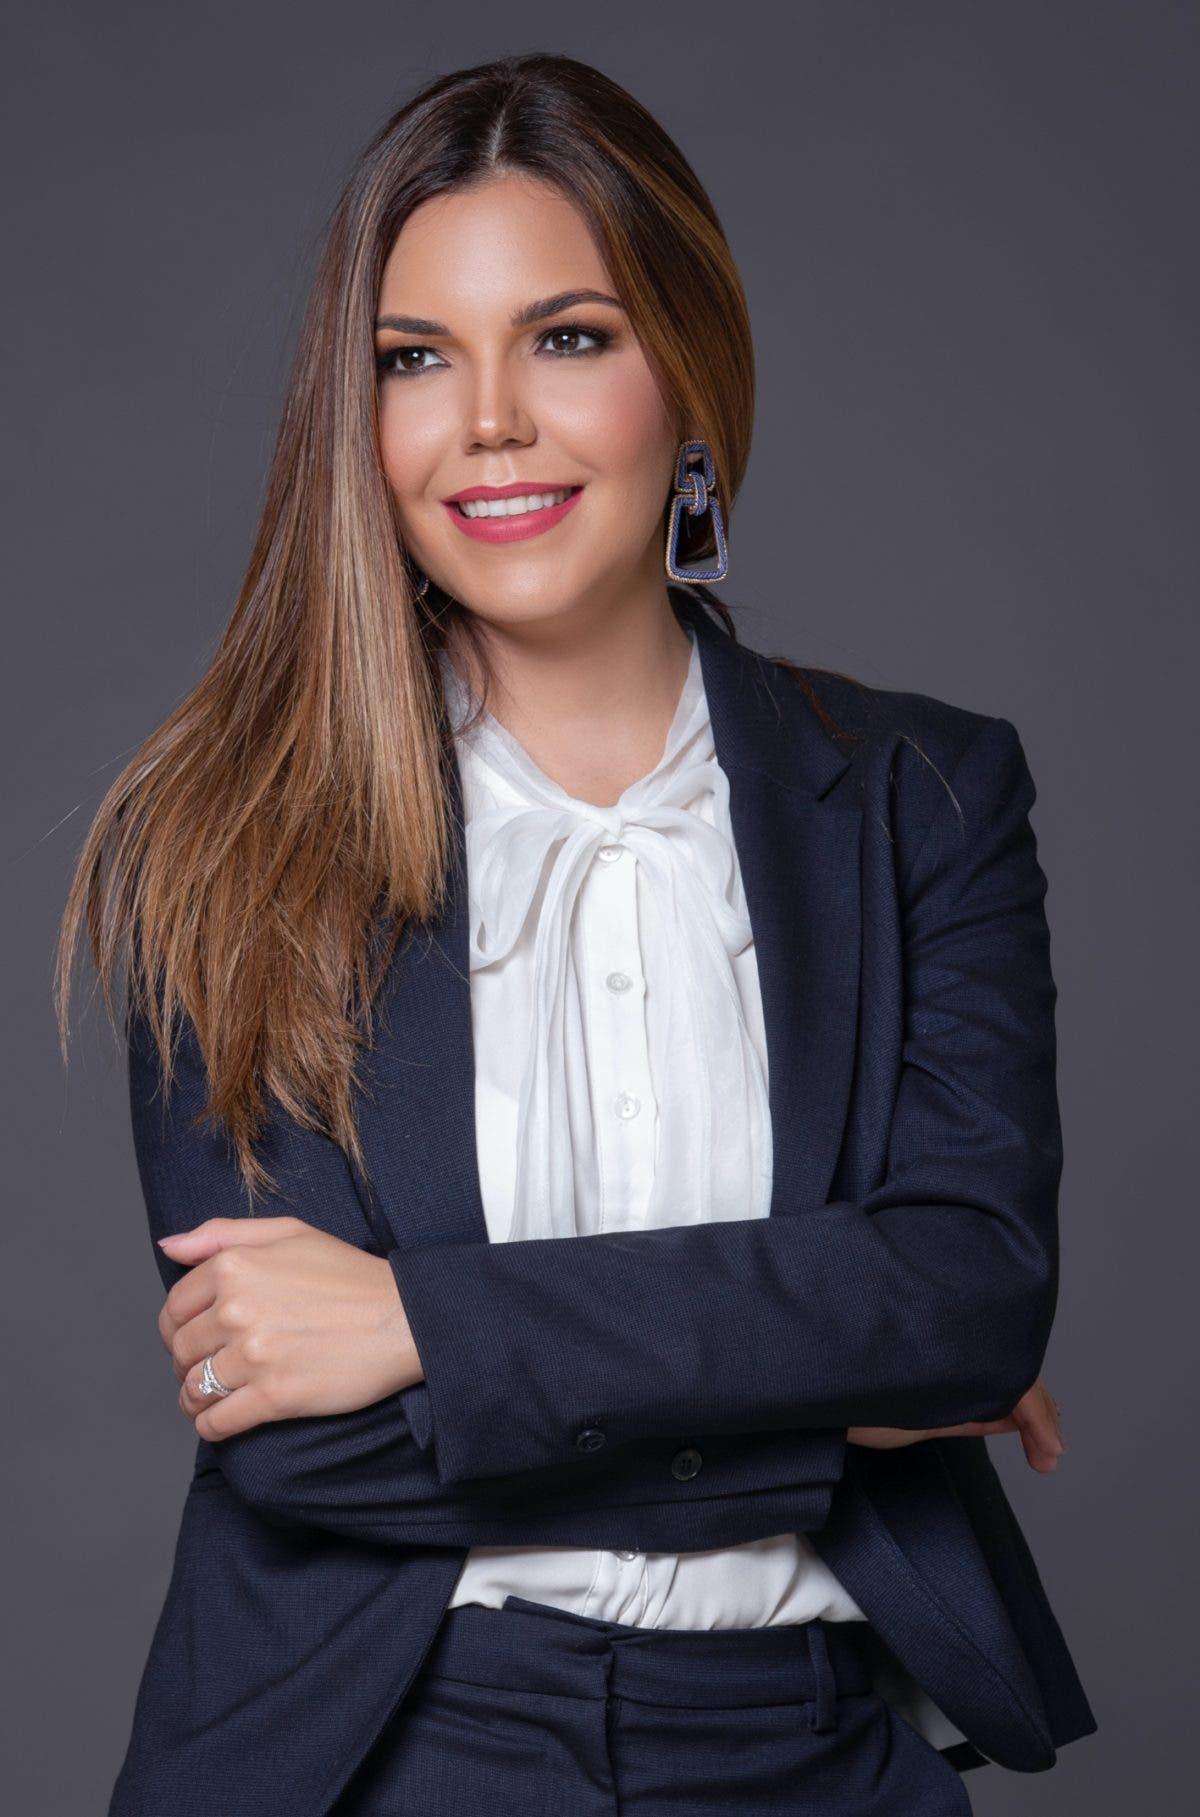 Sol Disla, apuesta al liderazgo juvenil y femenino desde ANJE